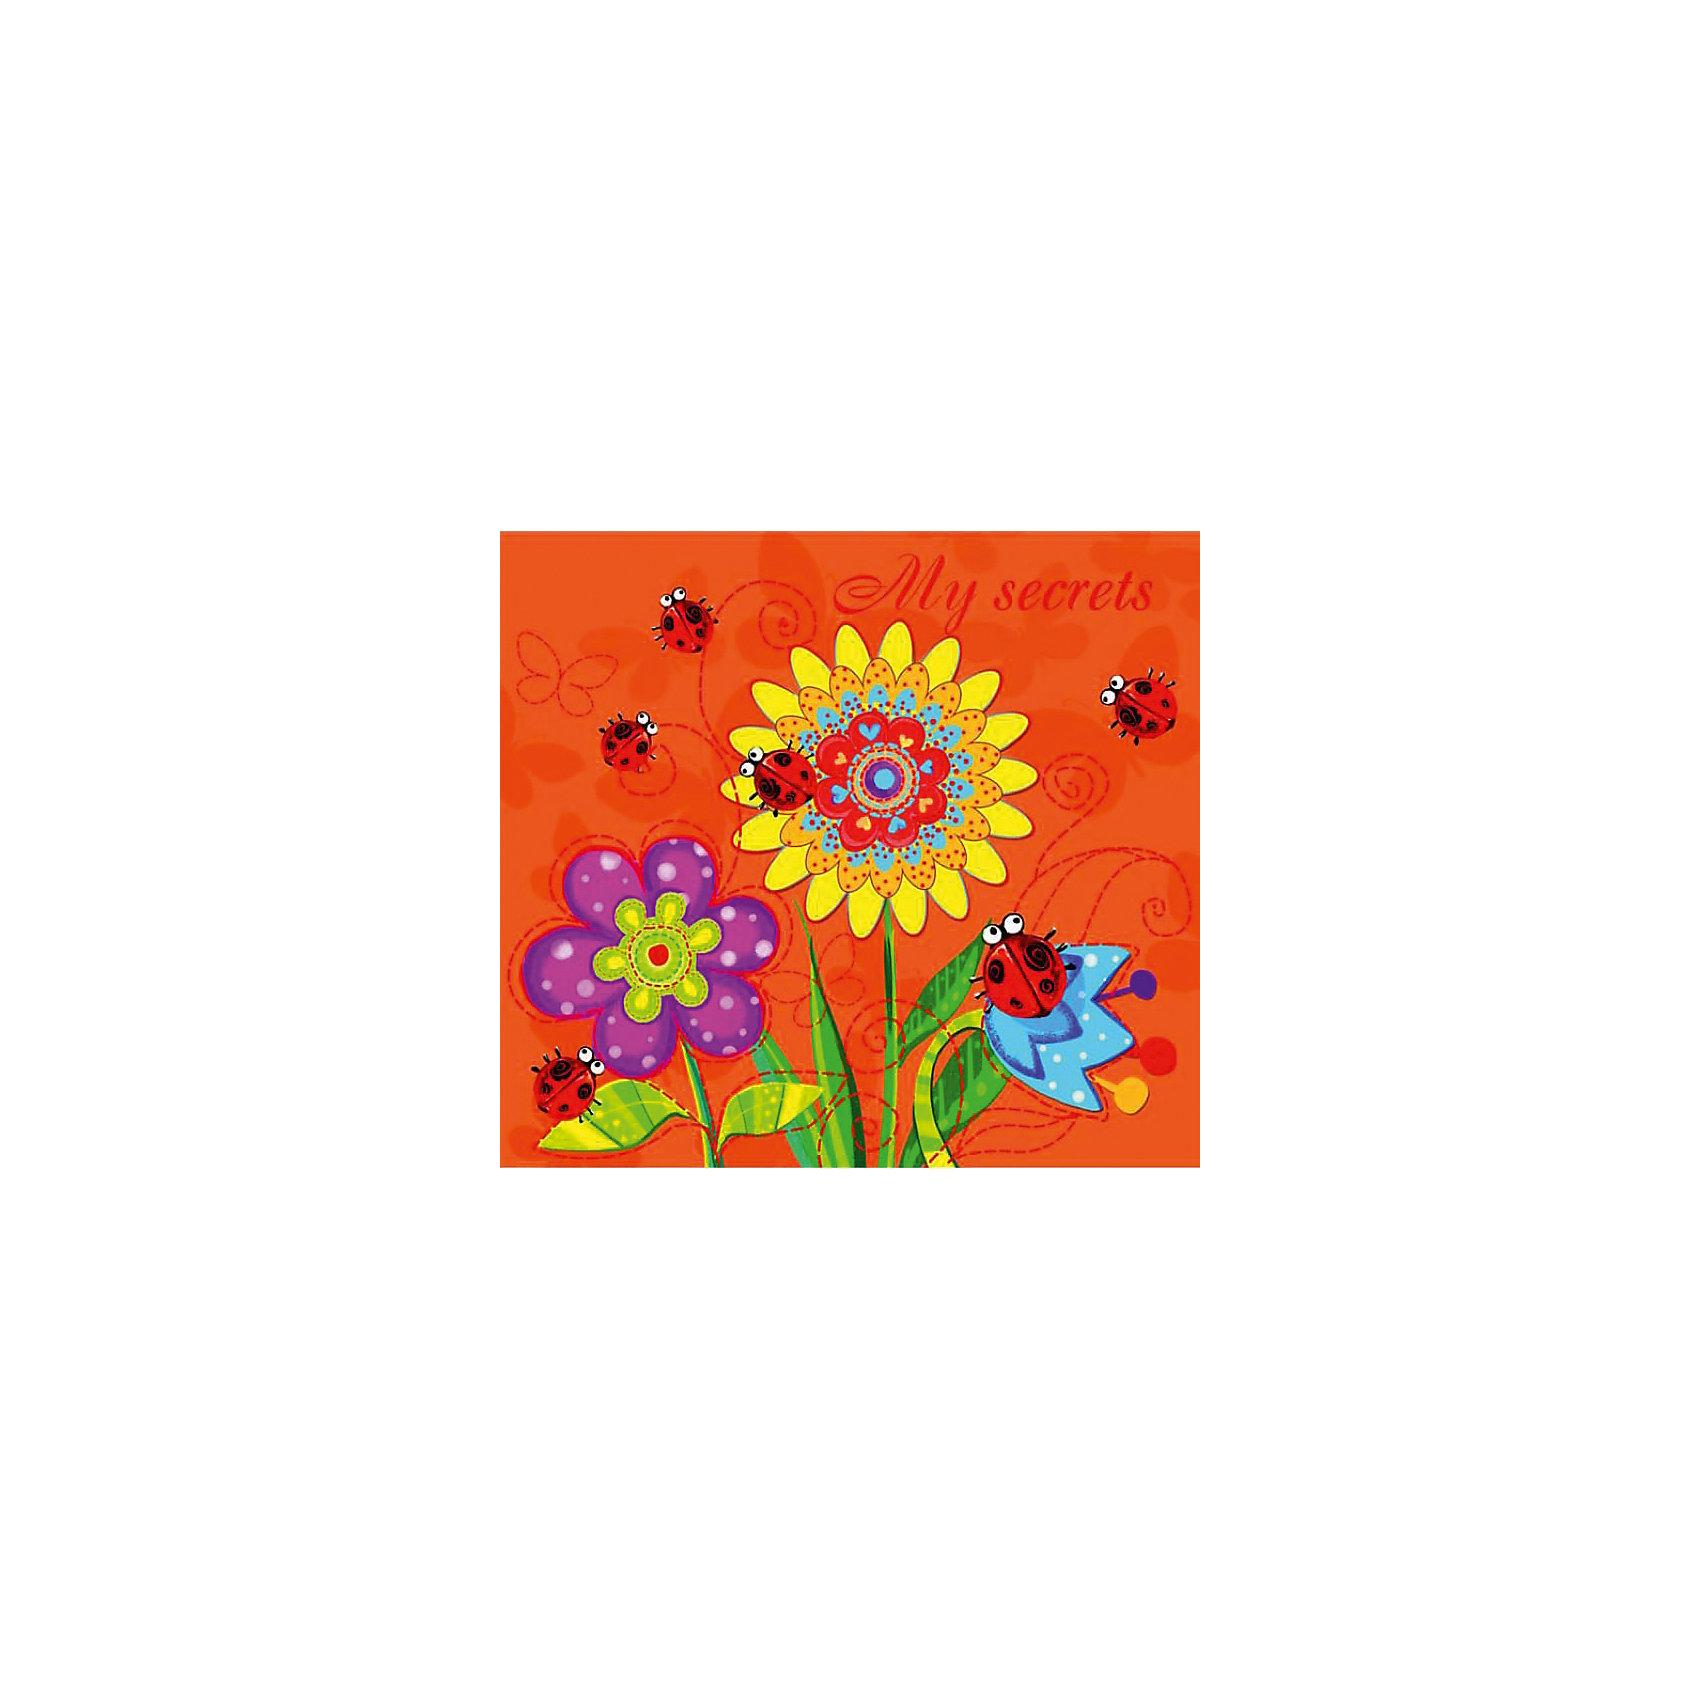 Детский трехблочный органайзер Цветы на оранжевомБумажная продукция<br>Органайзер научит Вашего ребенка дисциплине, ответственности и пунктуальности. В него малыш сможет записывать все свои важные заметки, адреса и планы на выходные или учебную неделю.<br>Прекрасный подарок для Вашего ребенка!<br><br>Дополнительная информация:<br><br>- 118 листов.<br>- Орнамент: цветы на оранжевом фоне.<br>- Магнитный клапан.<br>- Размер упаковки: 9,5х9х2 см.<br>- Вес в упаковке: 125 г. <br><br>Купить детский трехблочный органайзер Цветы на оранжевом, можно в нашем магазине.<br><br>Ширина мм: 95<br>Глубина мм: 90<br>Высота мм: 20<br>Вес г: 125<br>Возраст от месяцев: 72<br>Возраст до месяцев: 2147483647<br>Пол: Женский<br>Возраст: Детский<br>SKU: 4943497